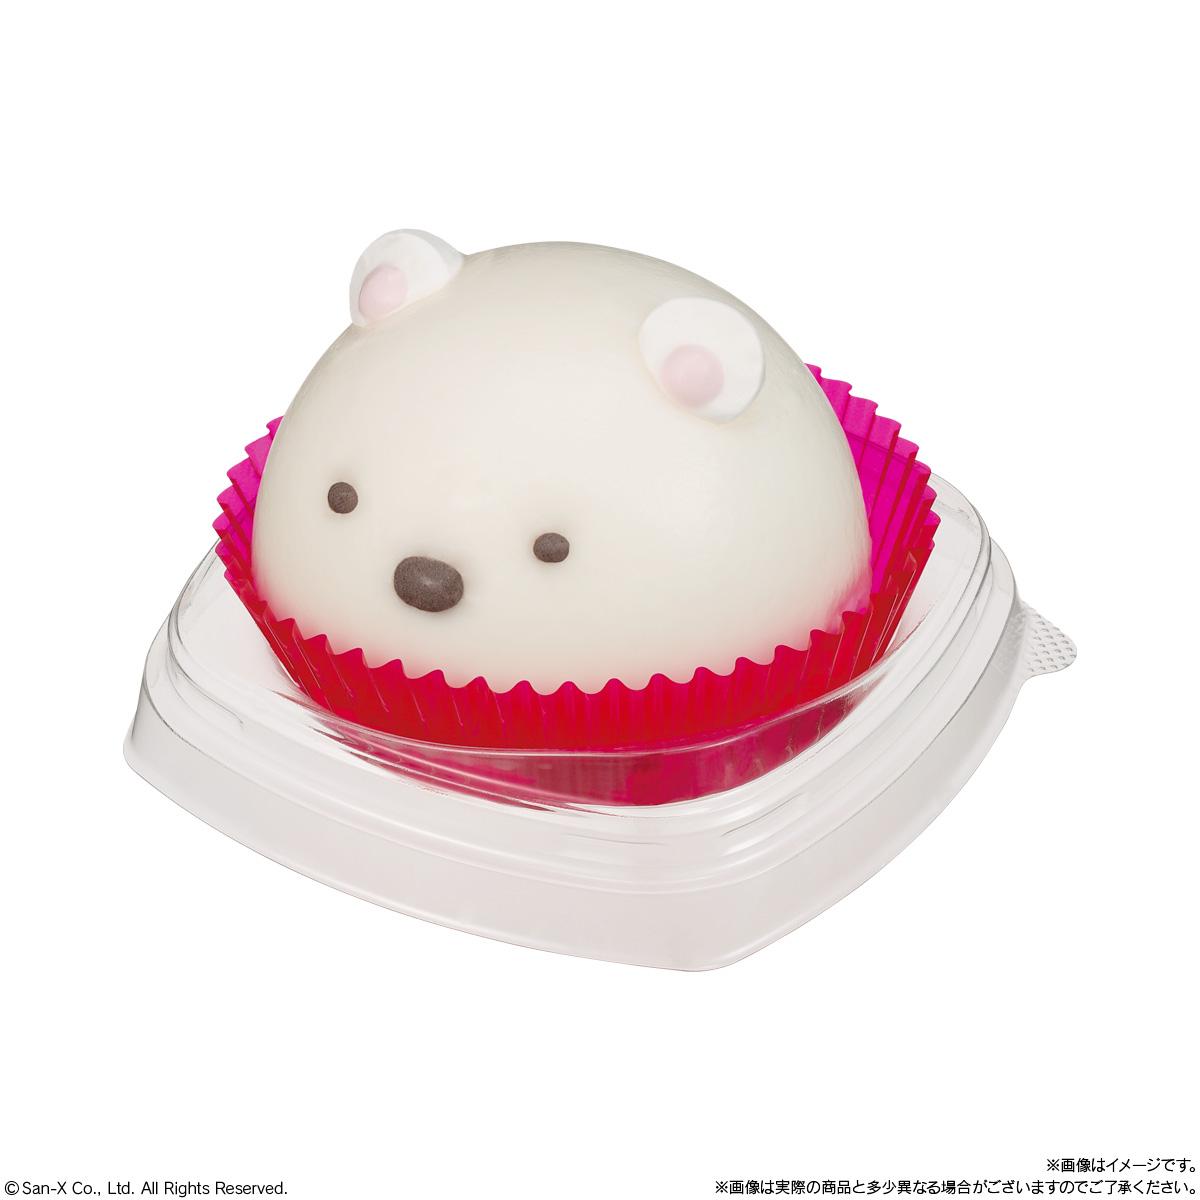 キャラデコmini すみっコぐらしのケーキ しろくま_2